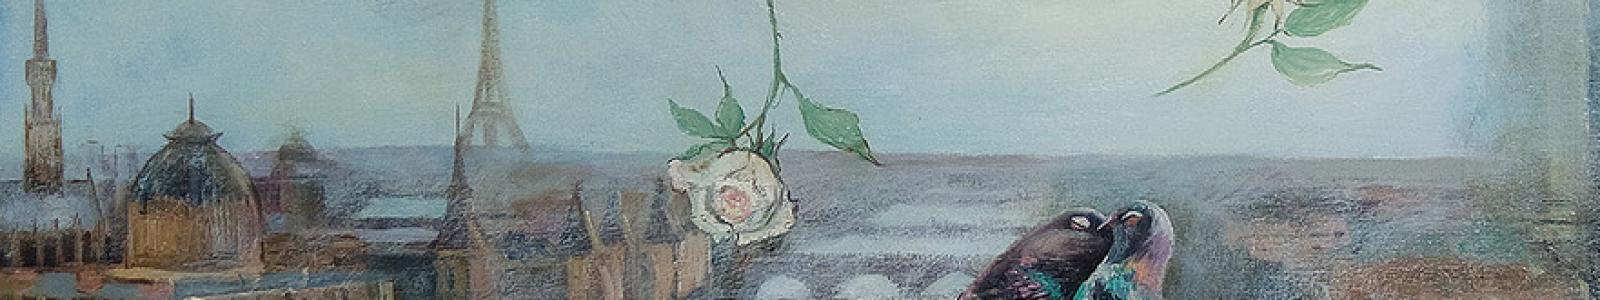 Gallery Painter Agrafena Gandzyuk